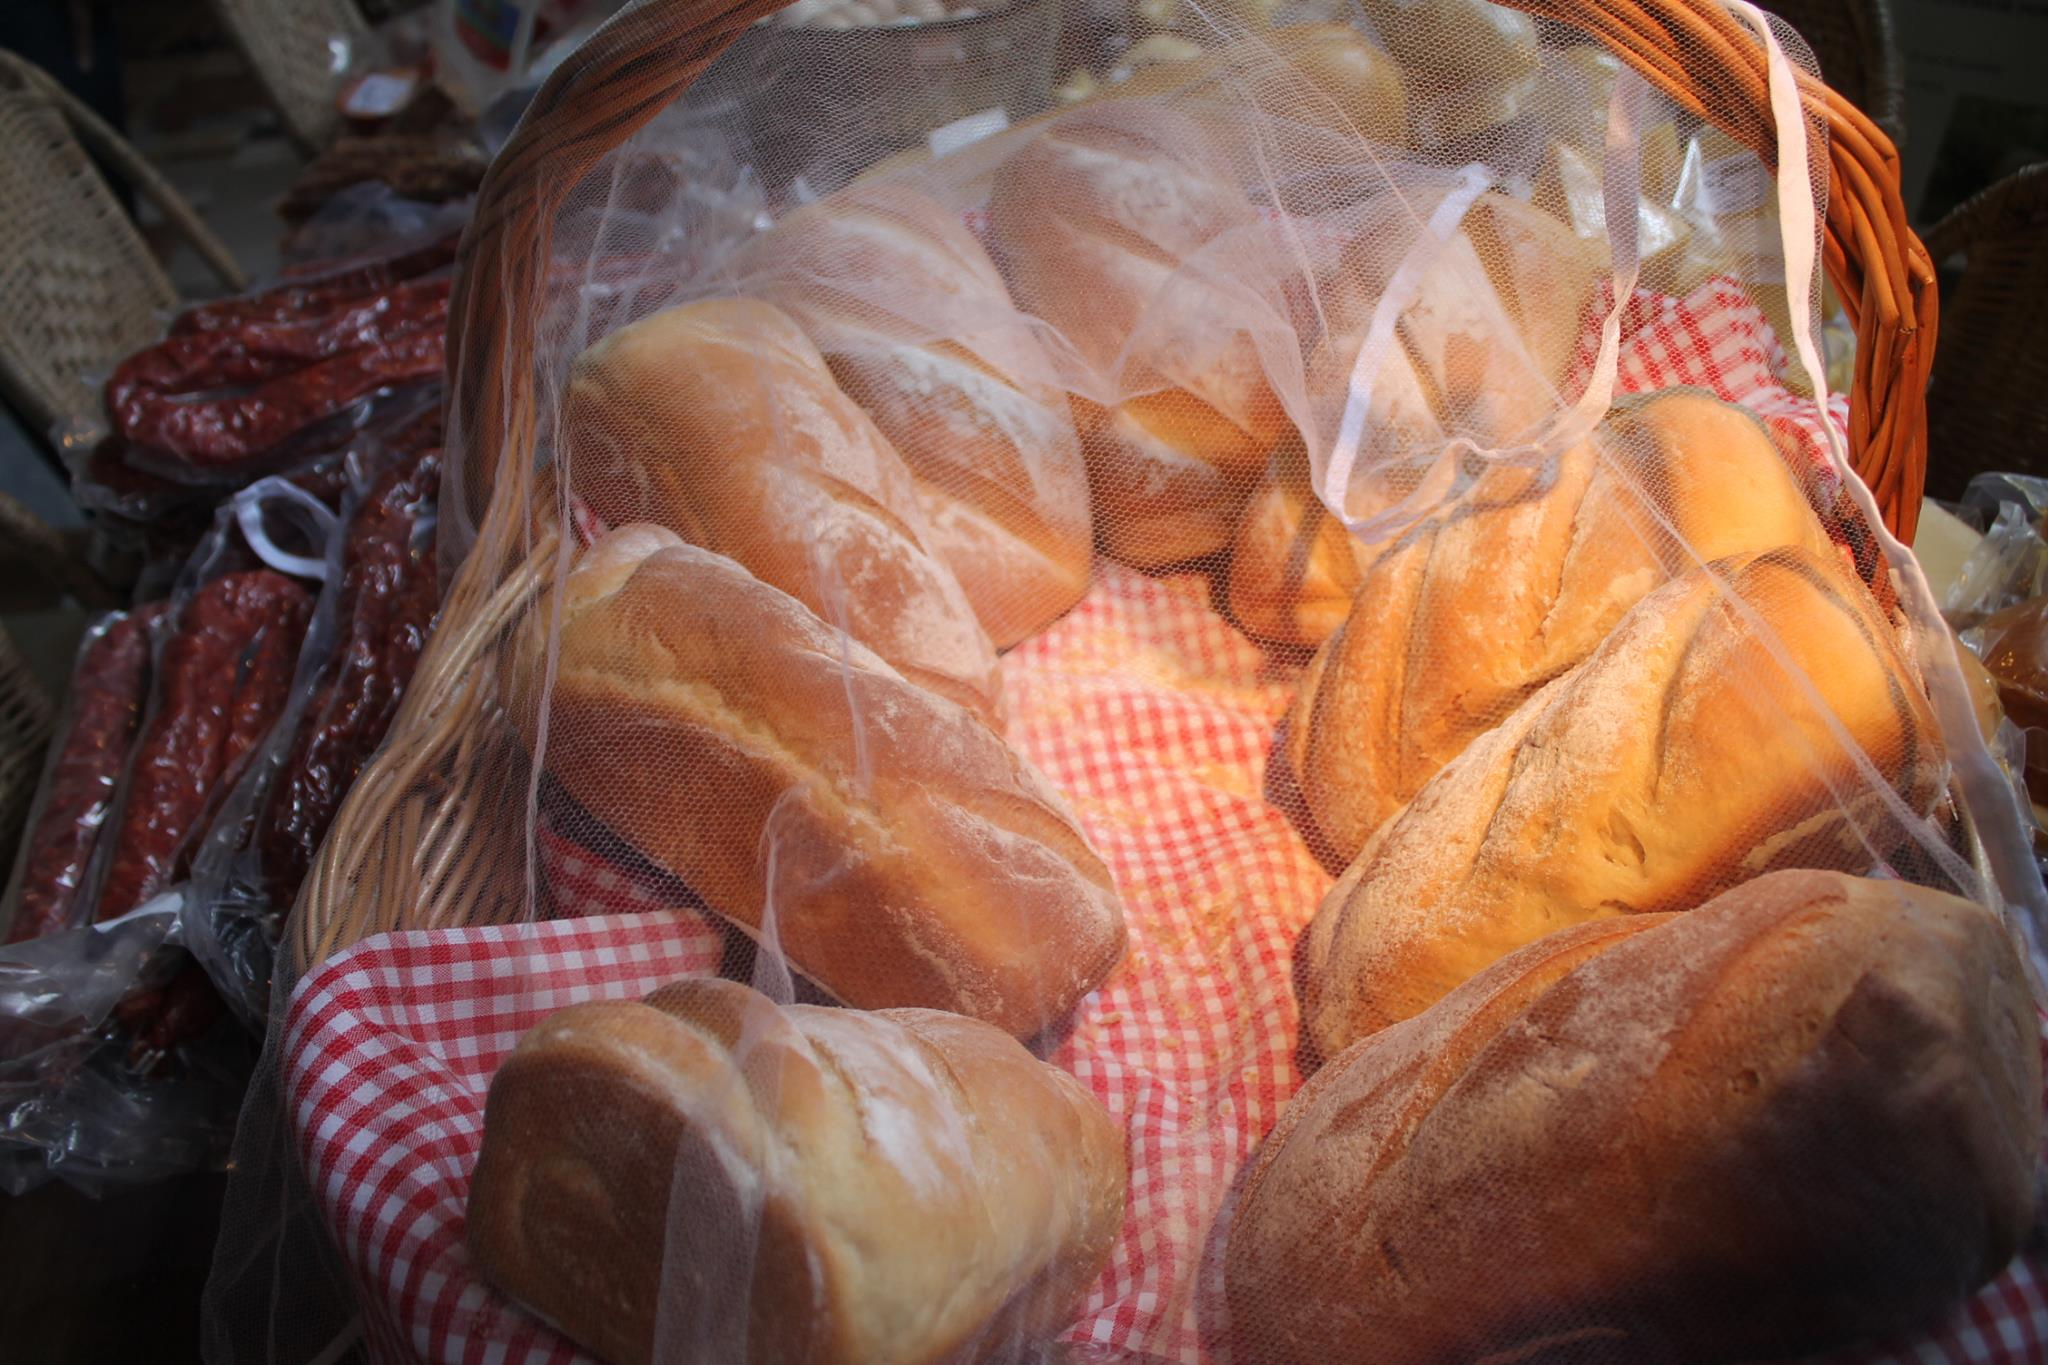 Bendito seja o pão da Fazenda Aracatu! Olha essa luz!